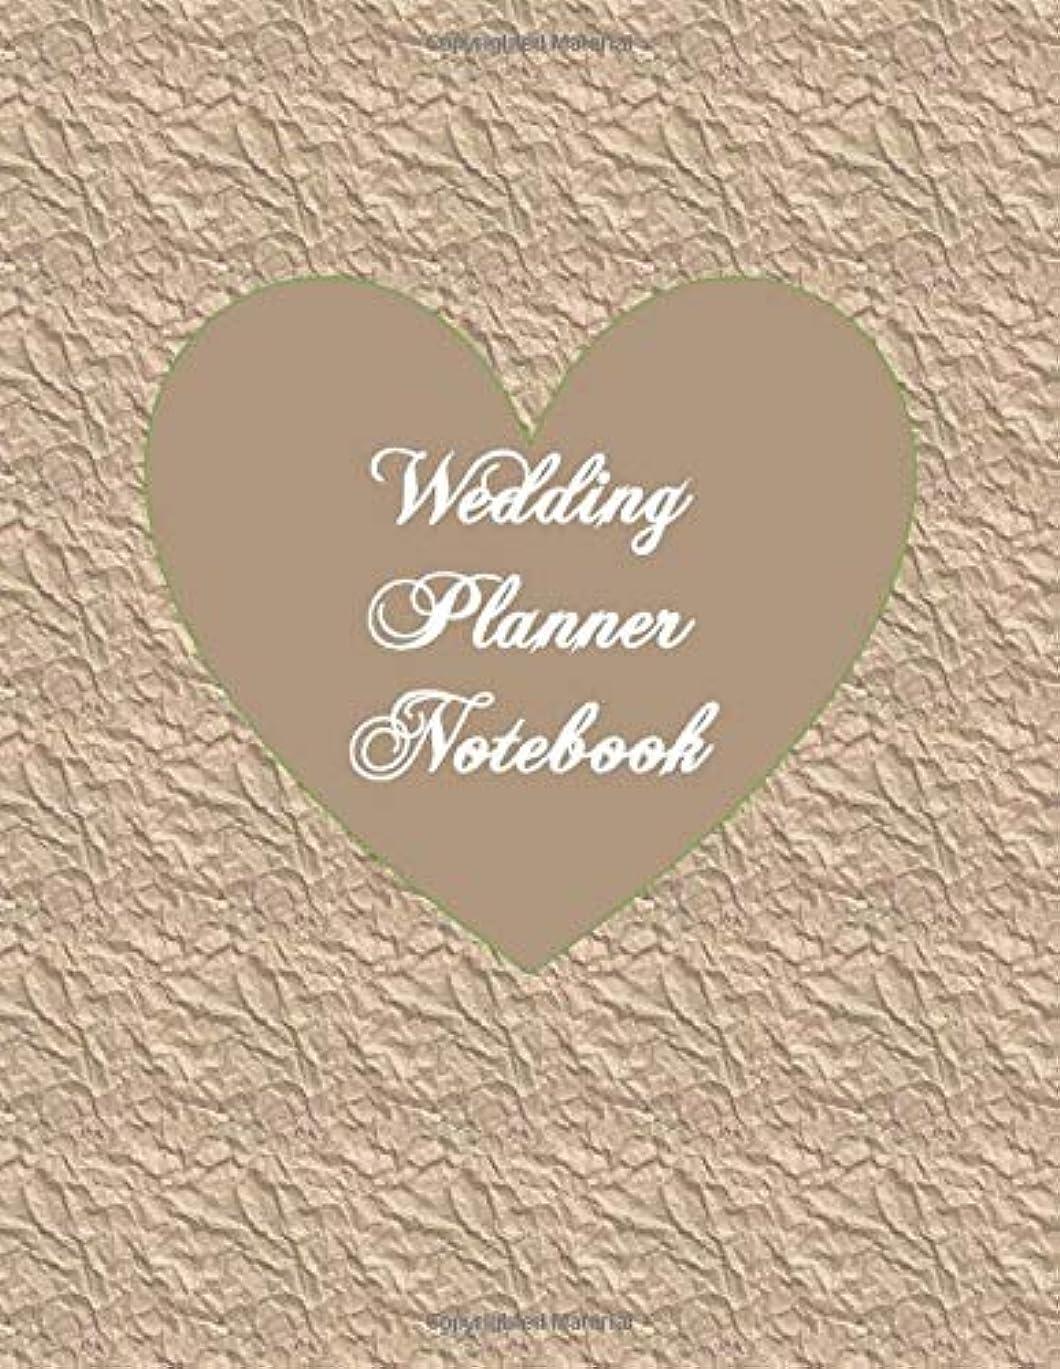 独創的多様な切り下げWedding Planner Notebook: Gender Neutral - Ultimate Planning Helper - Checklists - Aide Memoir Sheets - Parchment Style Cover - Contact Sheets - Countdown Prompts